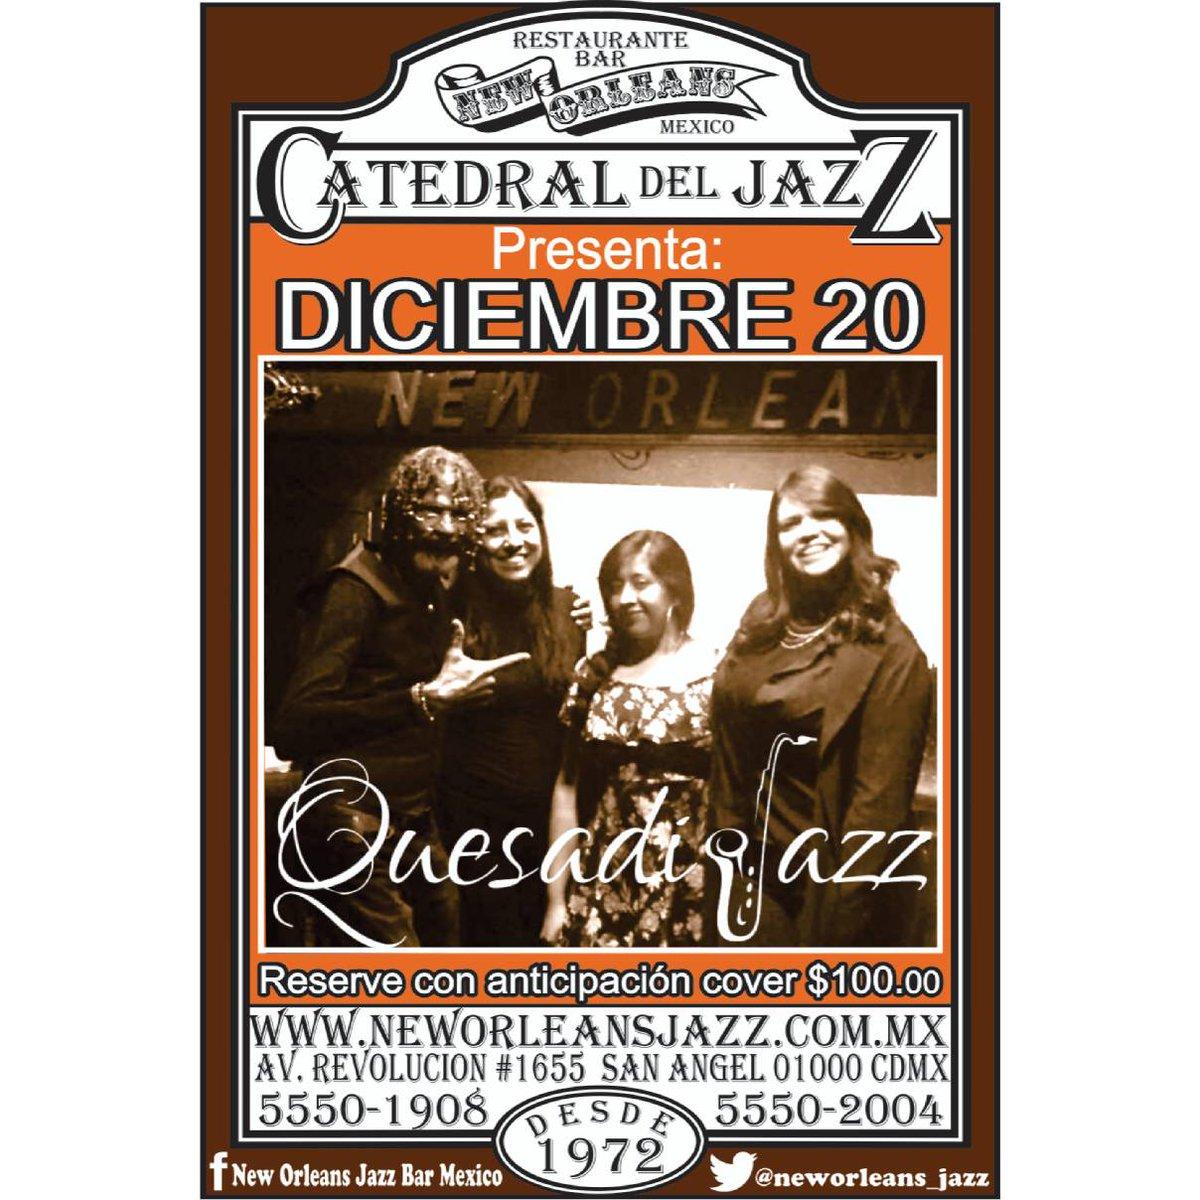 New Orleans Jazz Bar México On Twitter Jueves 20 De